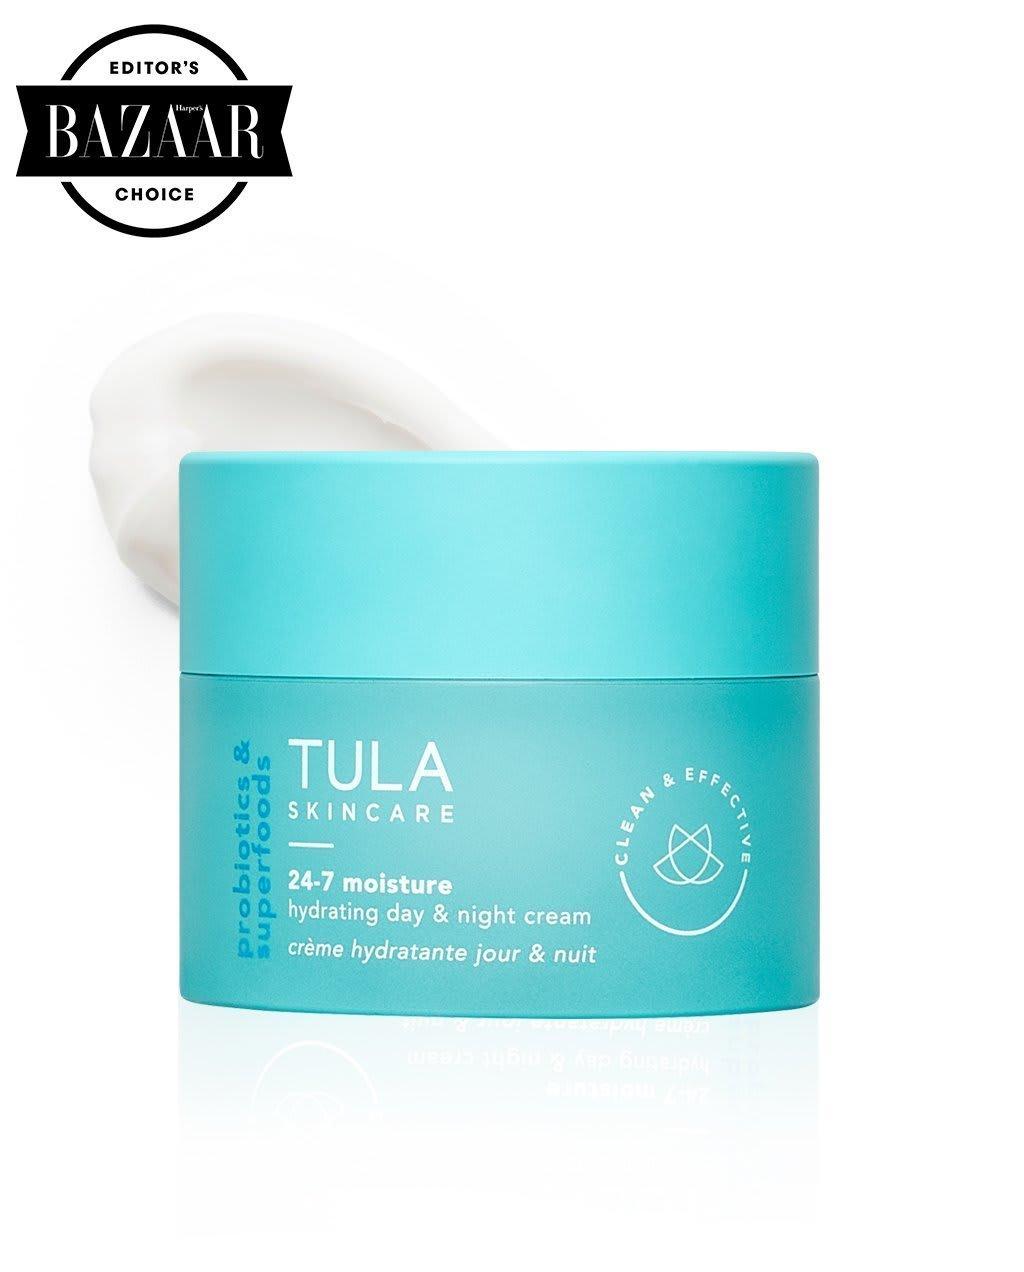 24-7 moisture | Tula Skincare